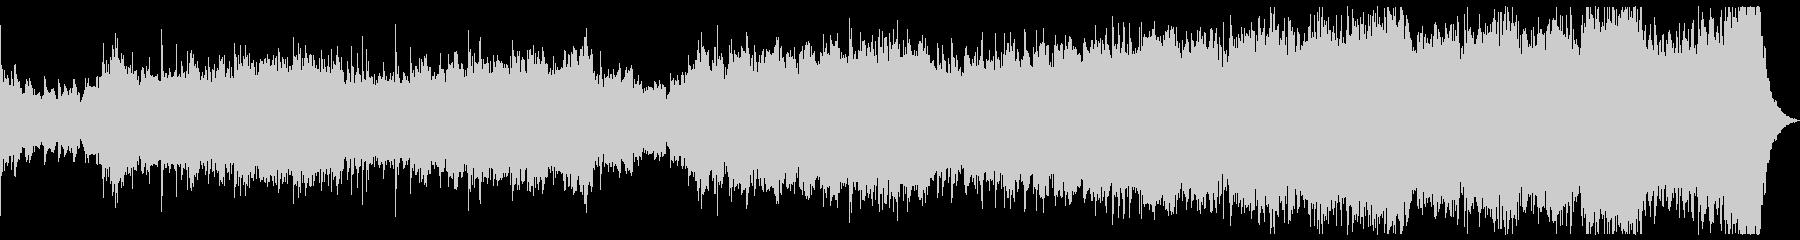 現代的 交響曲 エレクトロ アクテ...の未再生の波形